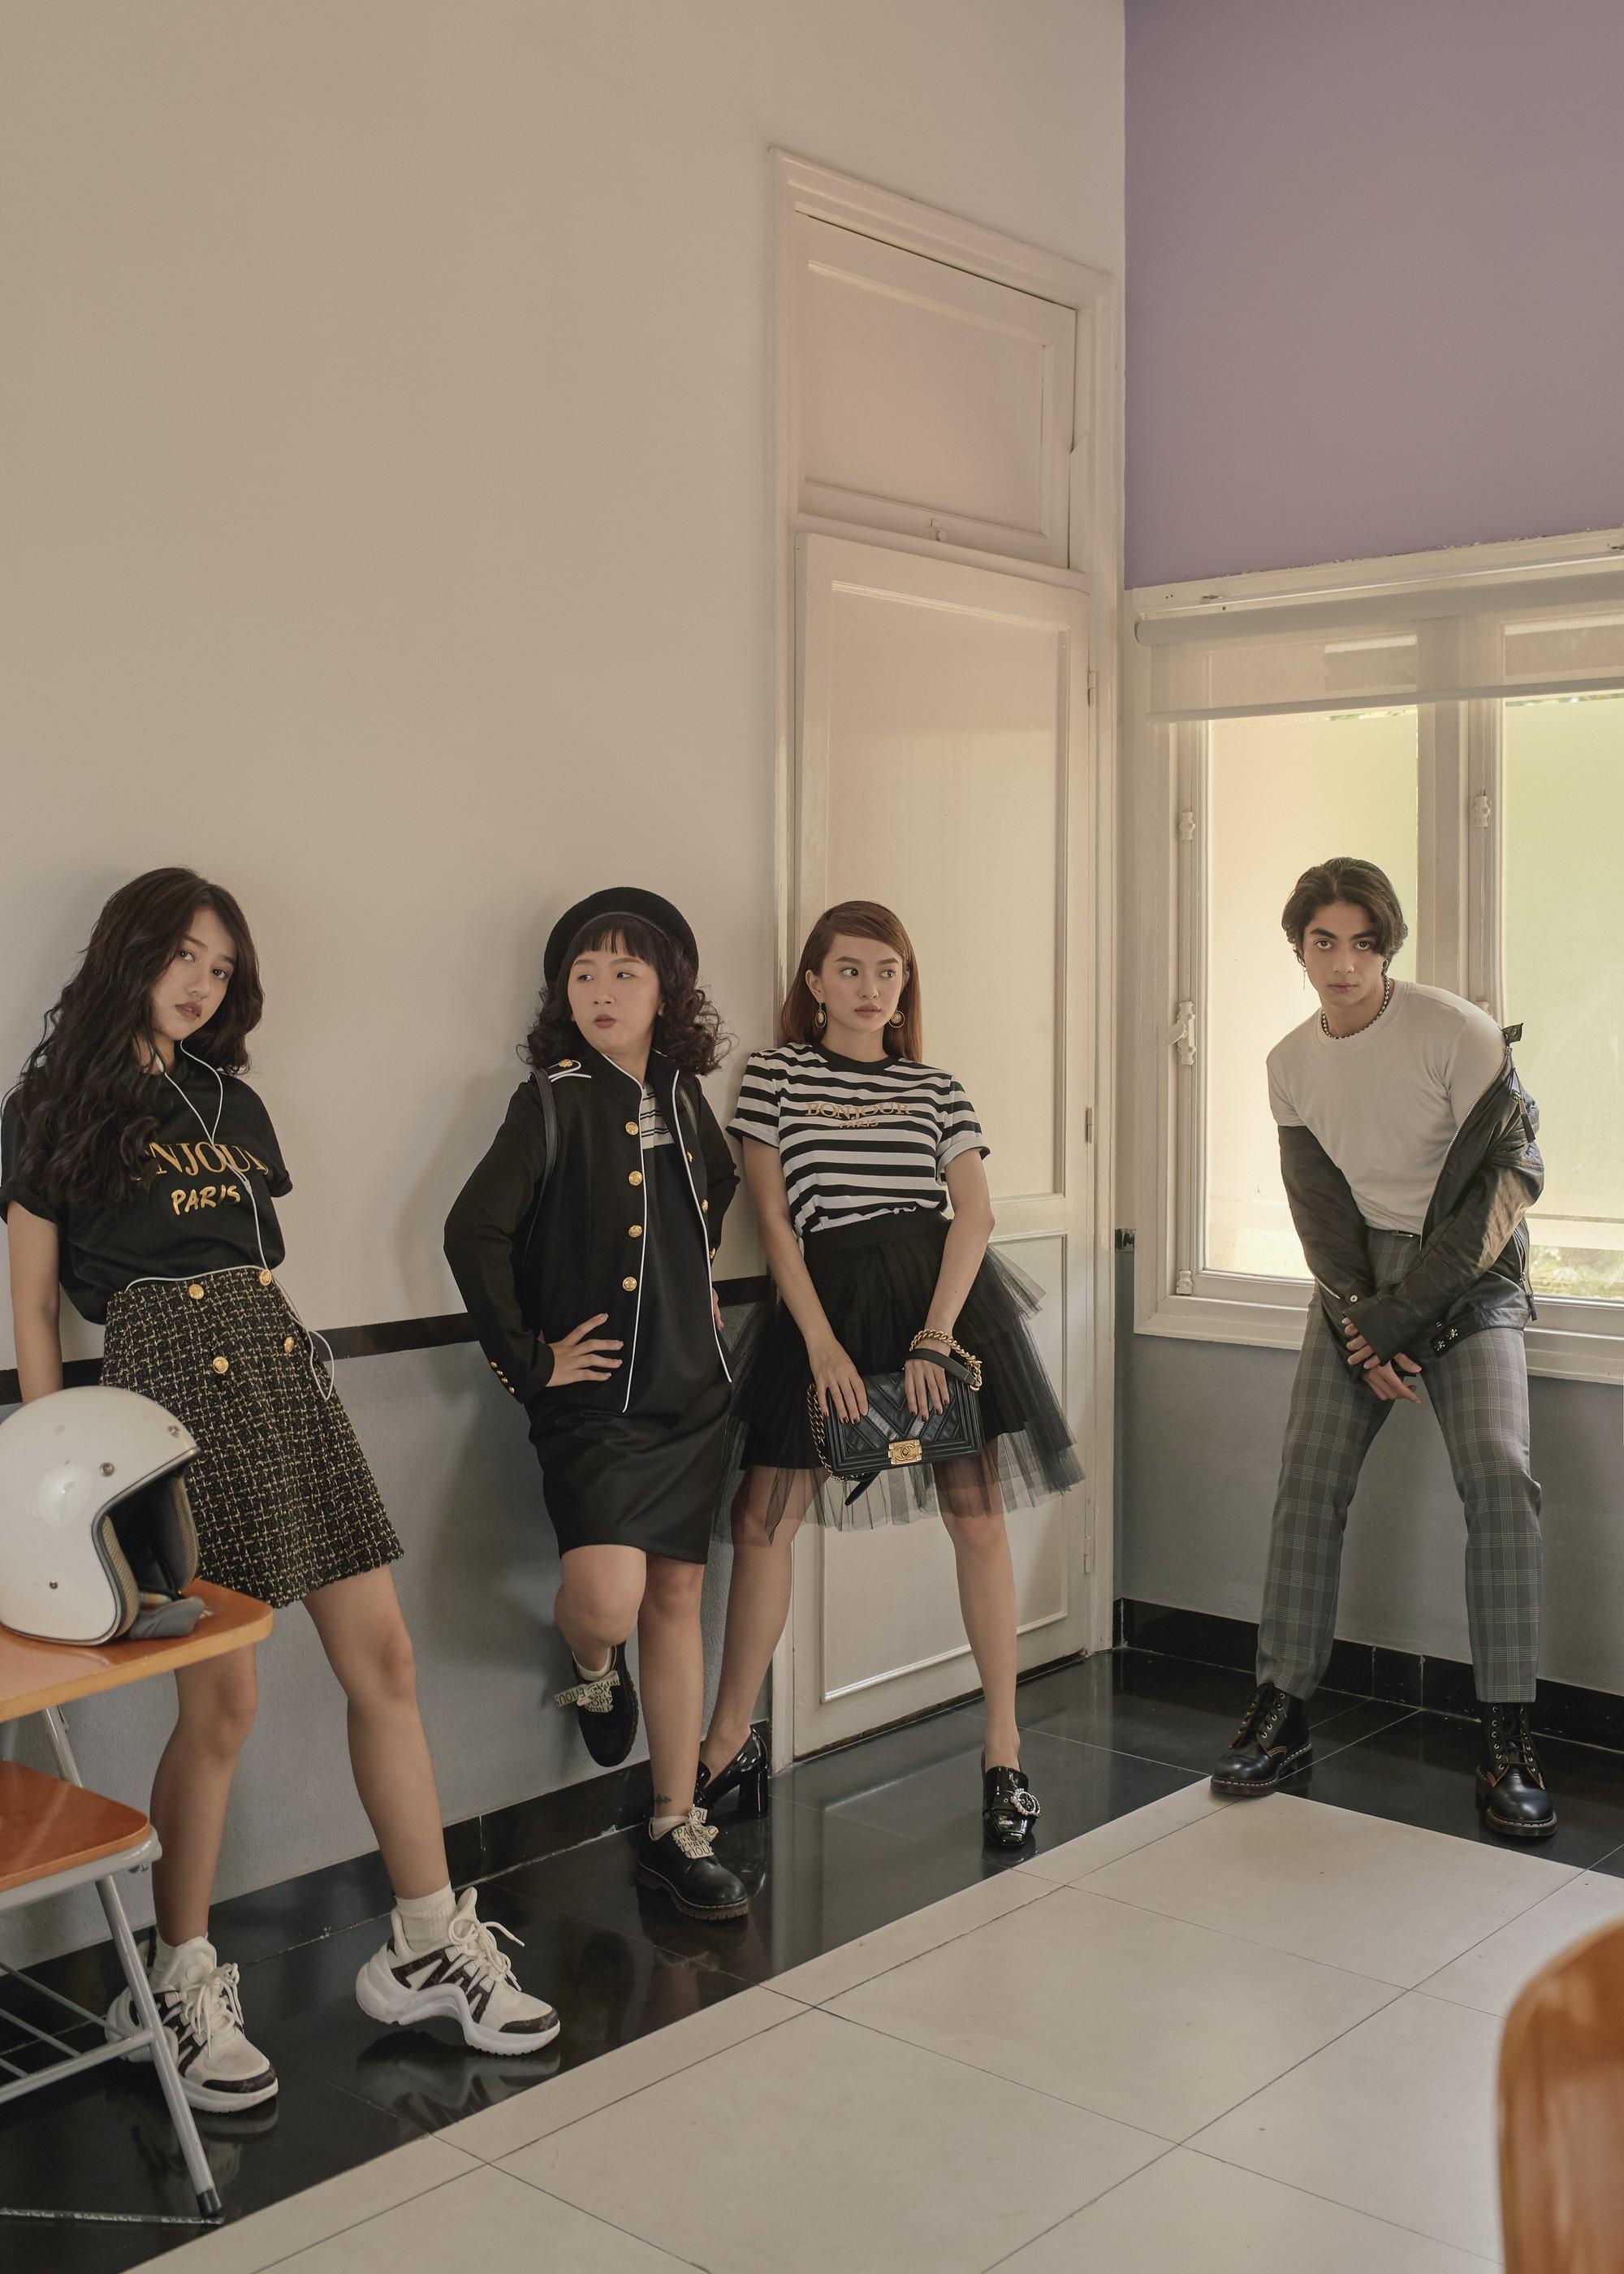 Hồn Papa, Da Con Gái còn chưa nguội, Kaity Nguyễn đã cùng nhóm bạn thân nổi loạn với web drama mới - Ảnh 10.